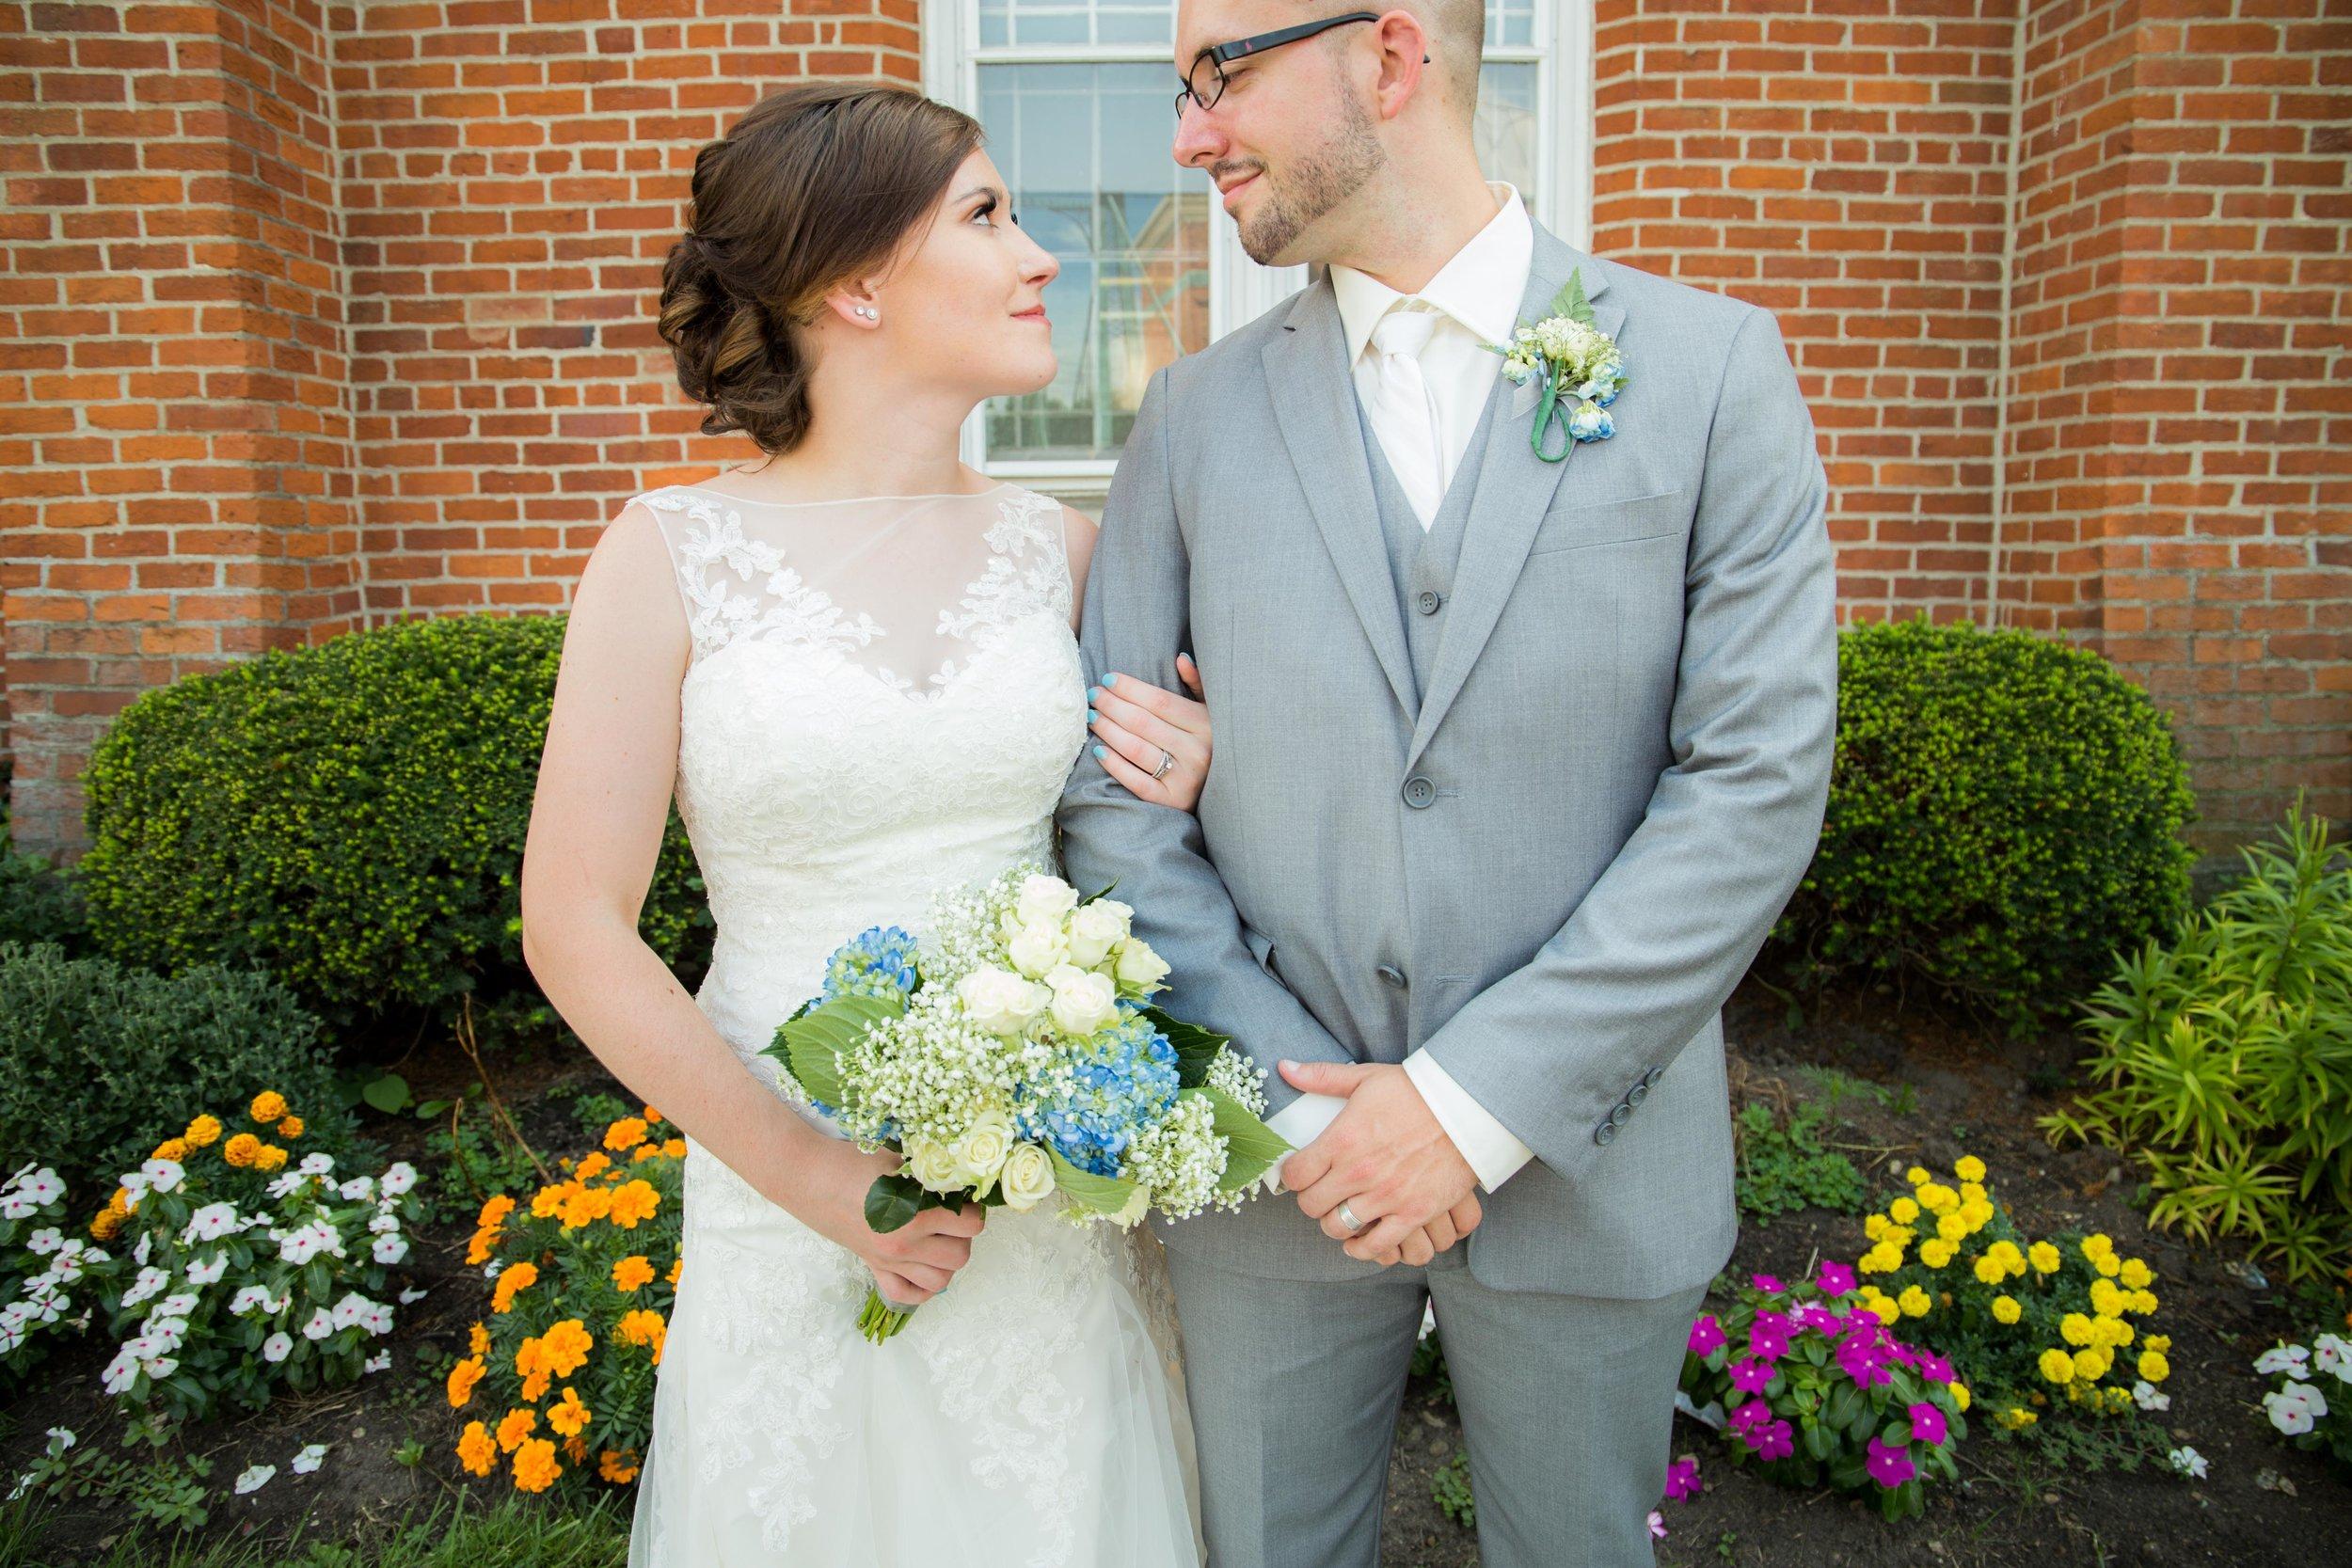 weddingportraits-southernohiowedding-katydaixonphotography-10.jpg